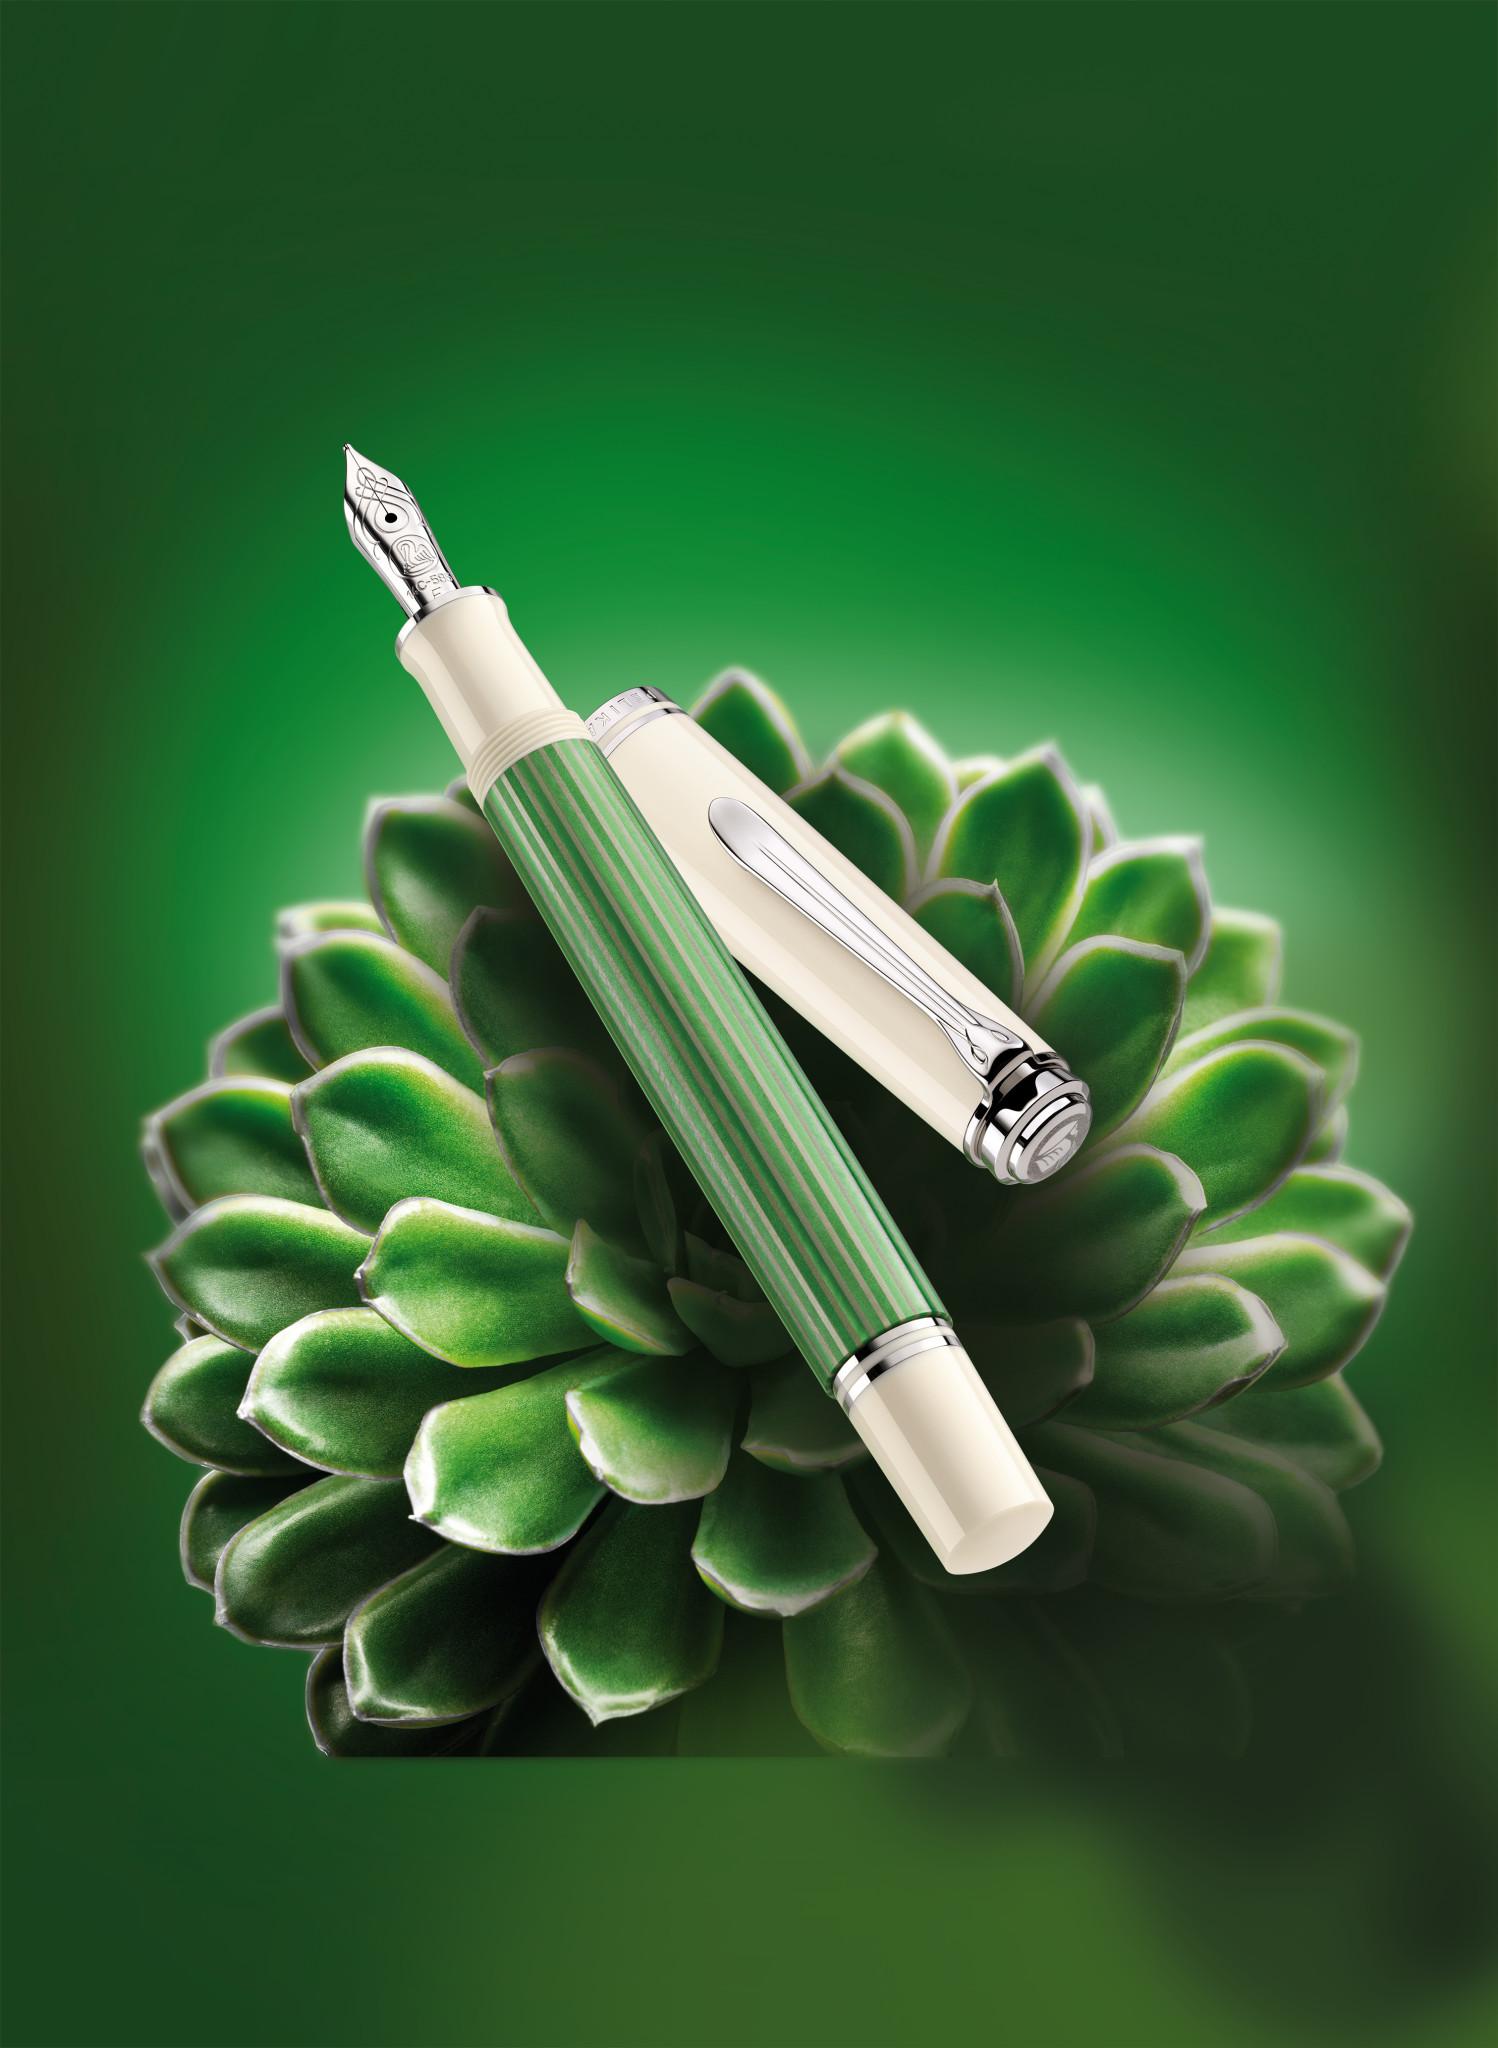 Pelikan Souverän 605 Green-White Special Edition